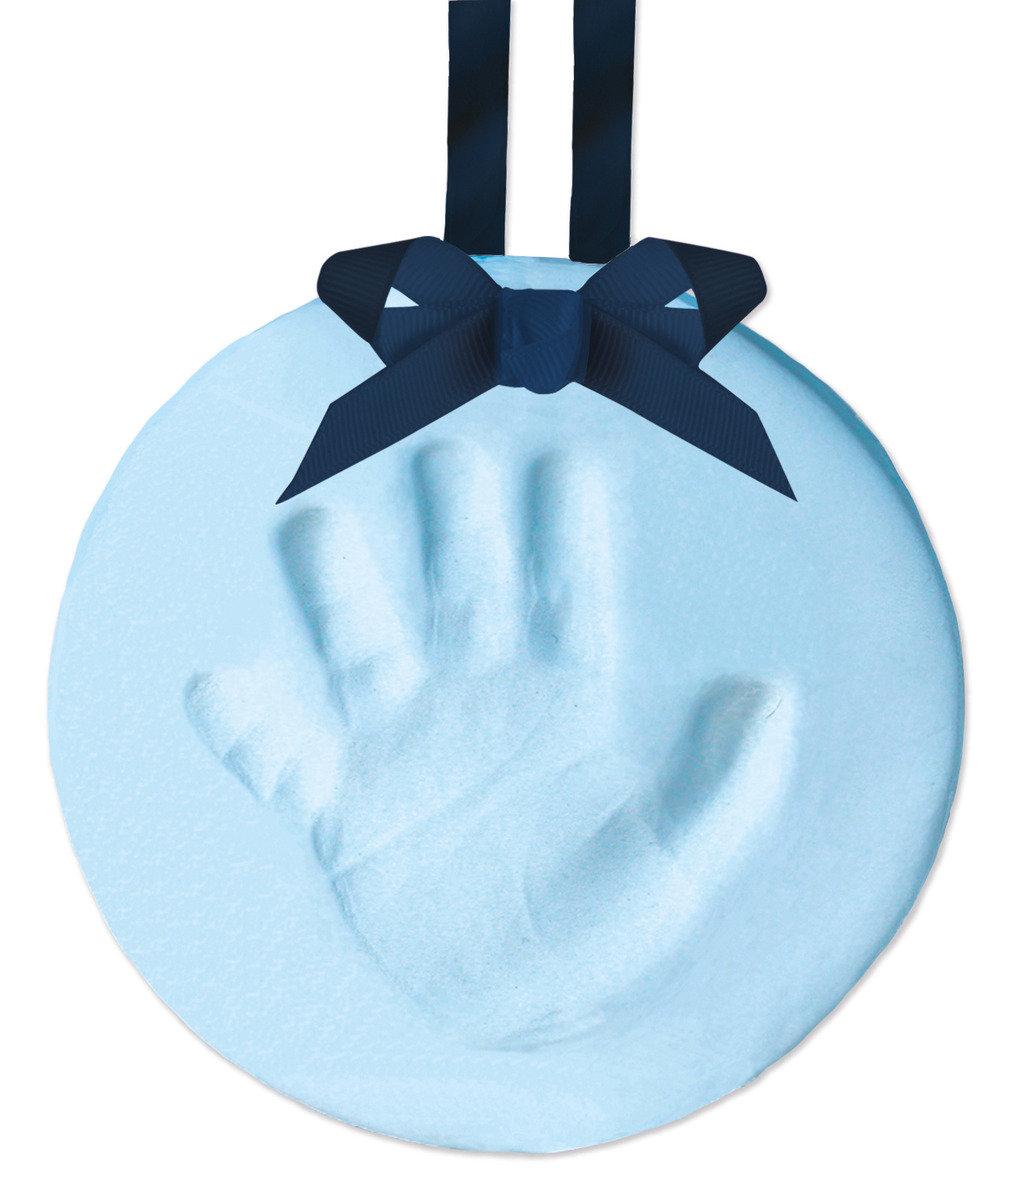 寶寶掌印珍藏品 – 藍色